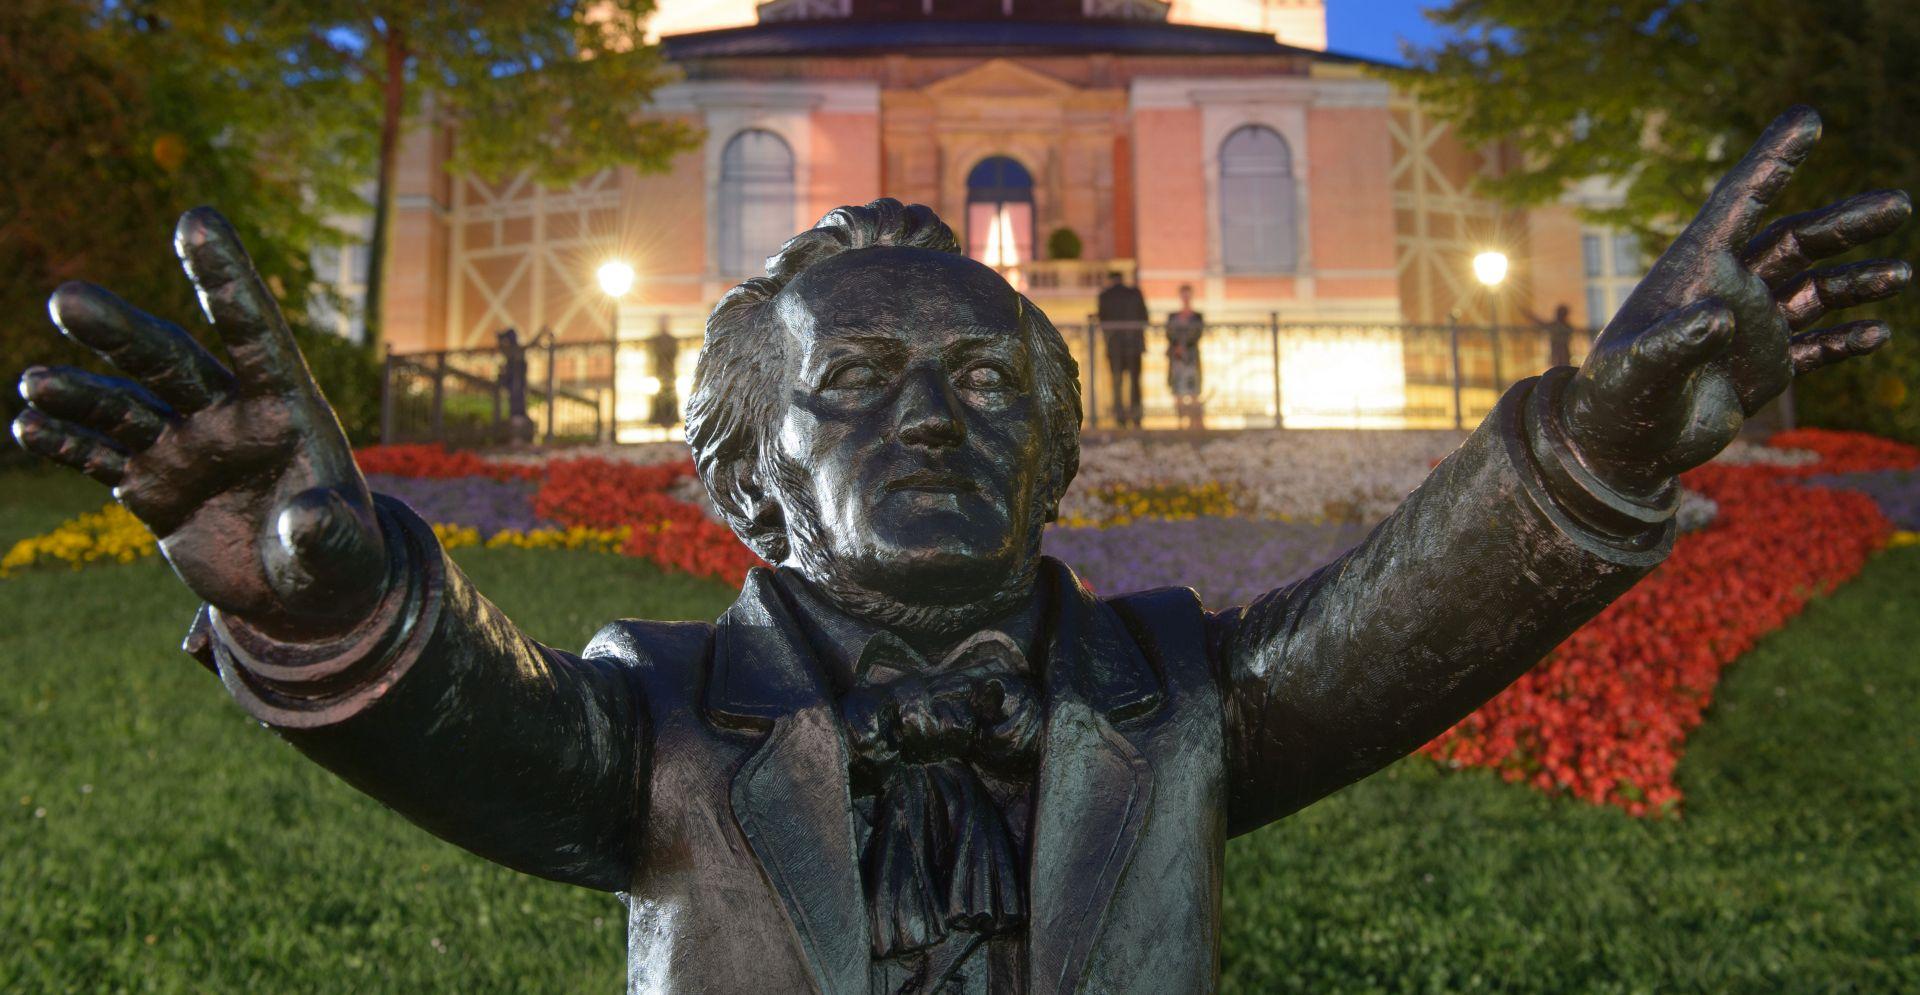 Izraelski državni radio ispričao se zbog emitiranja Wagnerove glazbe